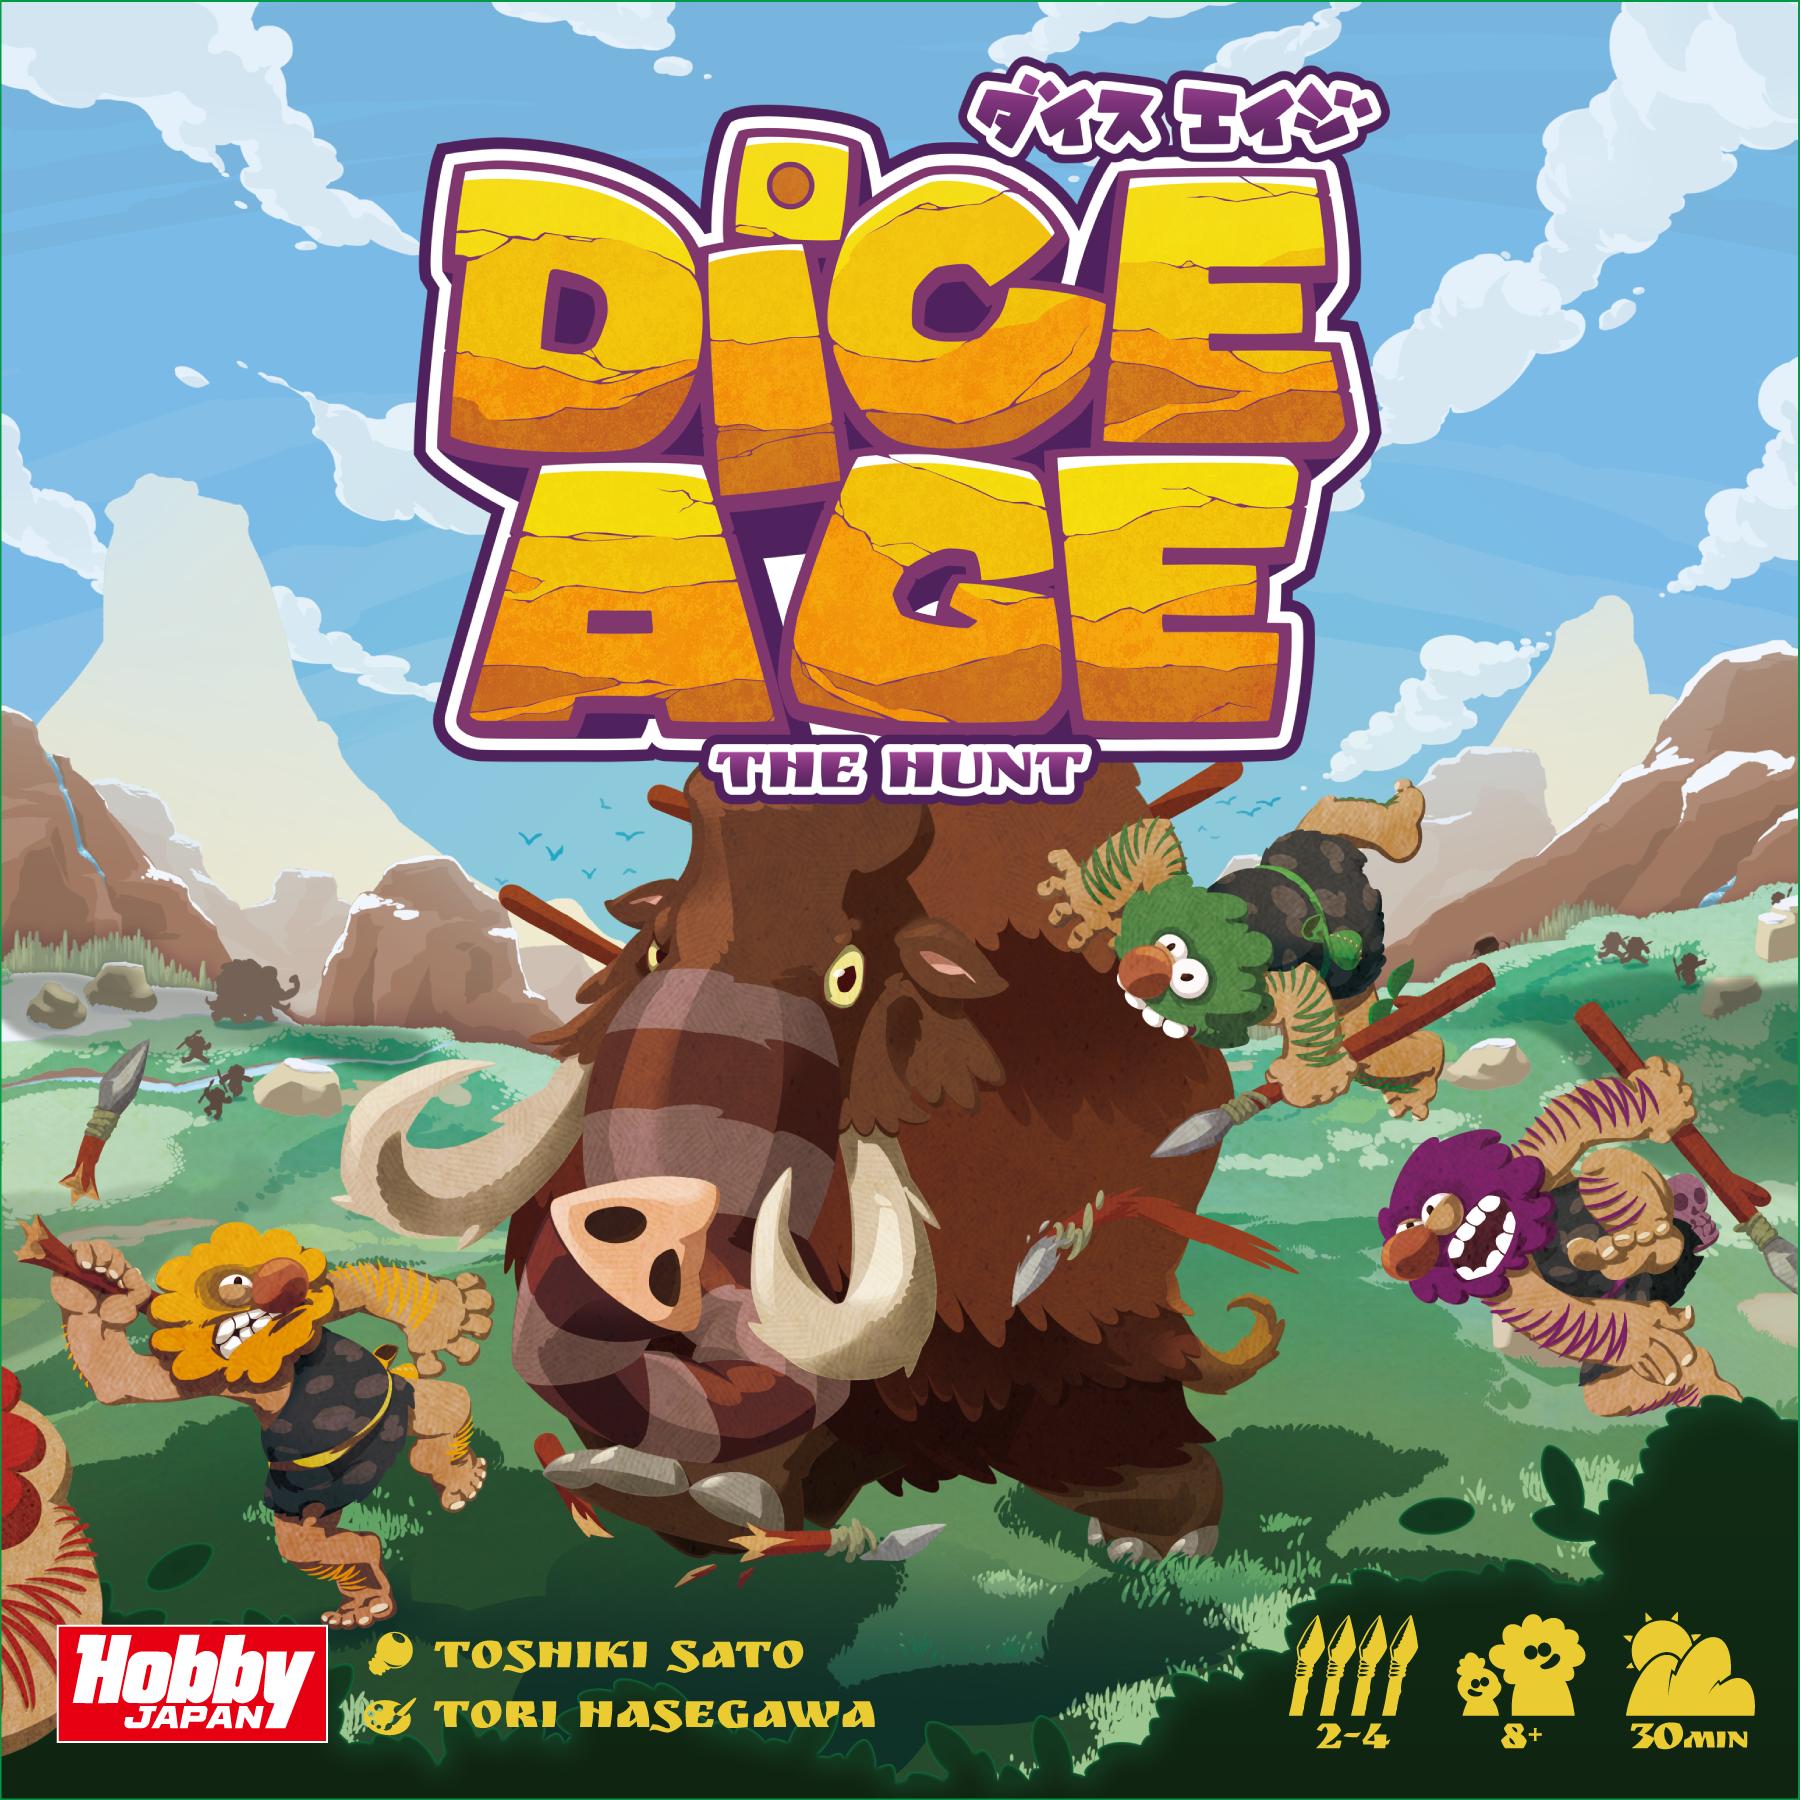 ダイスエイジ/ Dice Age : The Hunt